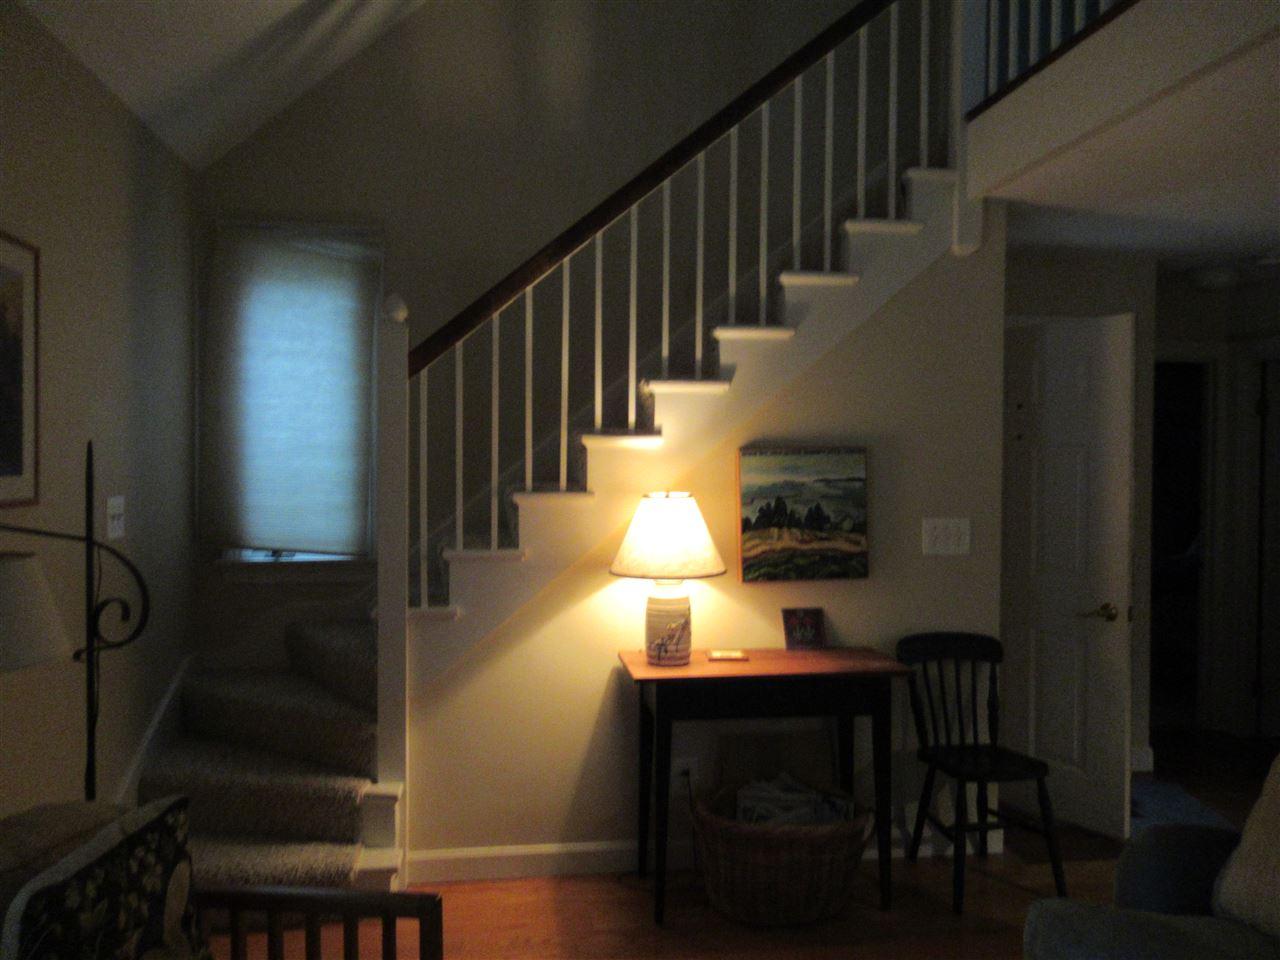 Stairway to second floor 12250239